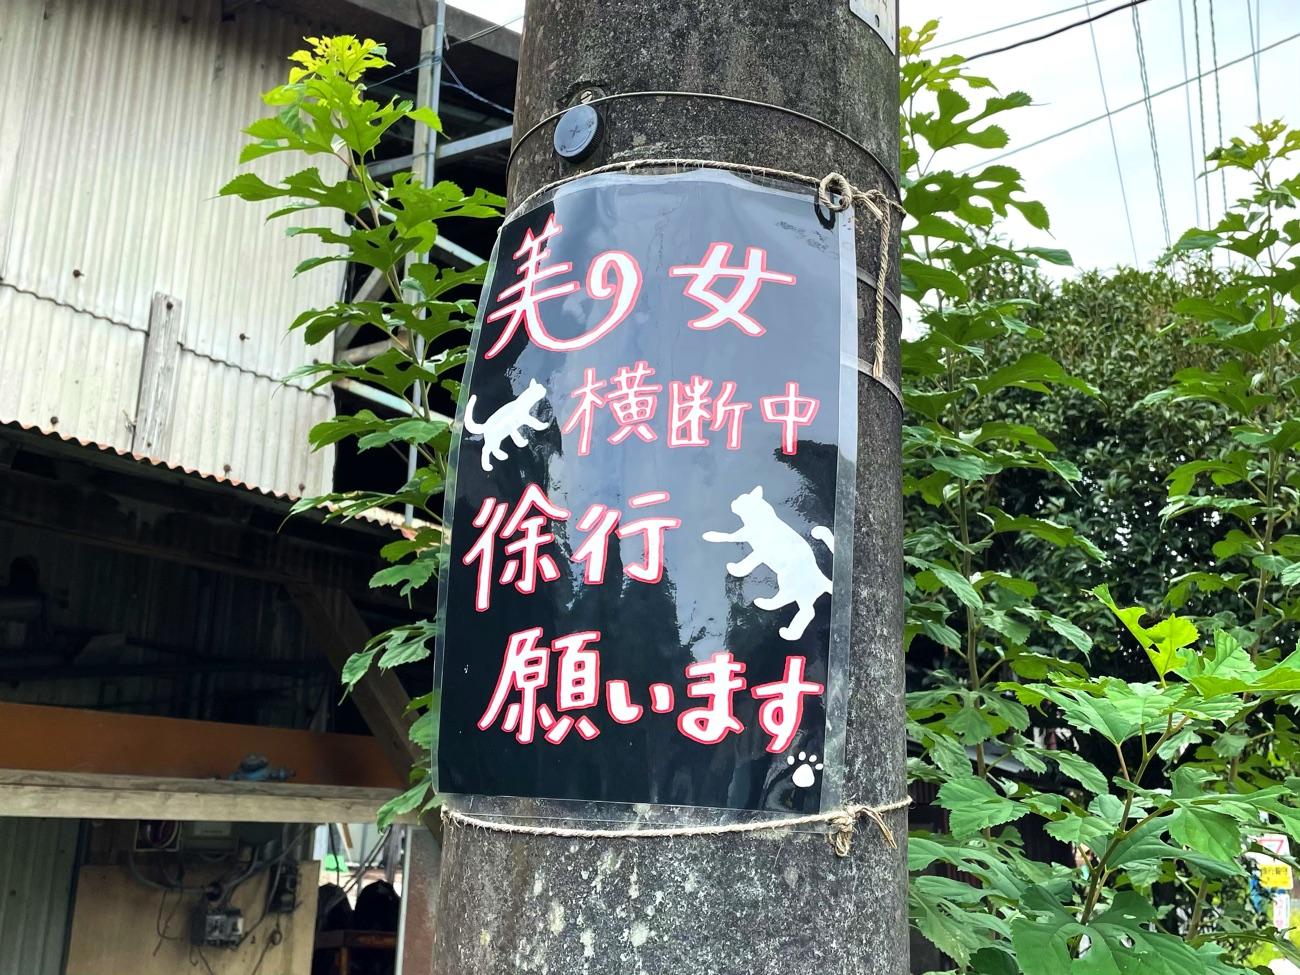 「美女横断中」のポスター